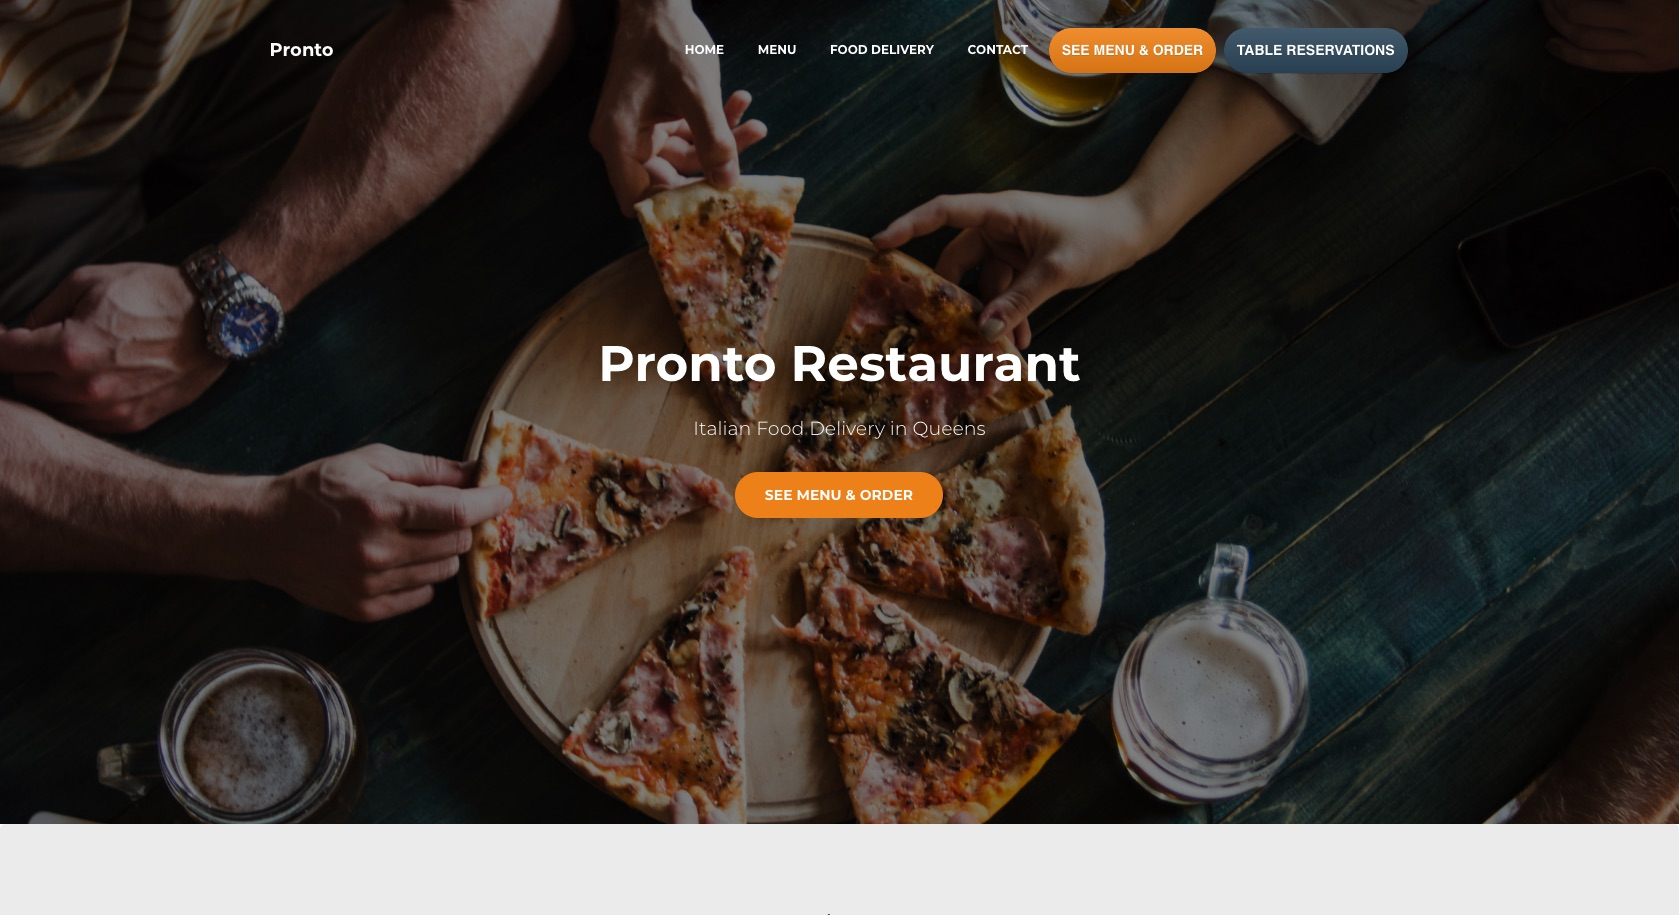 Restaurant Menu Food Ordering System Table Reservation